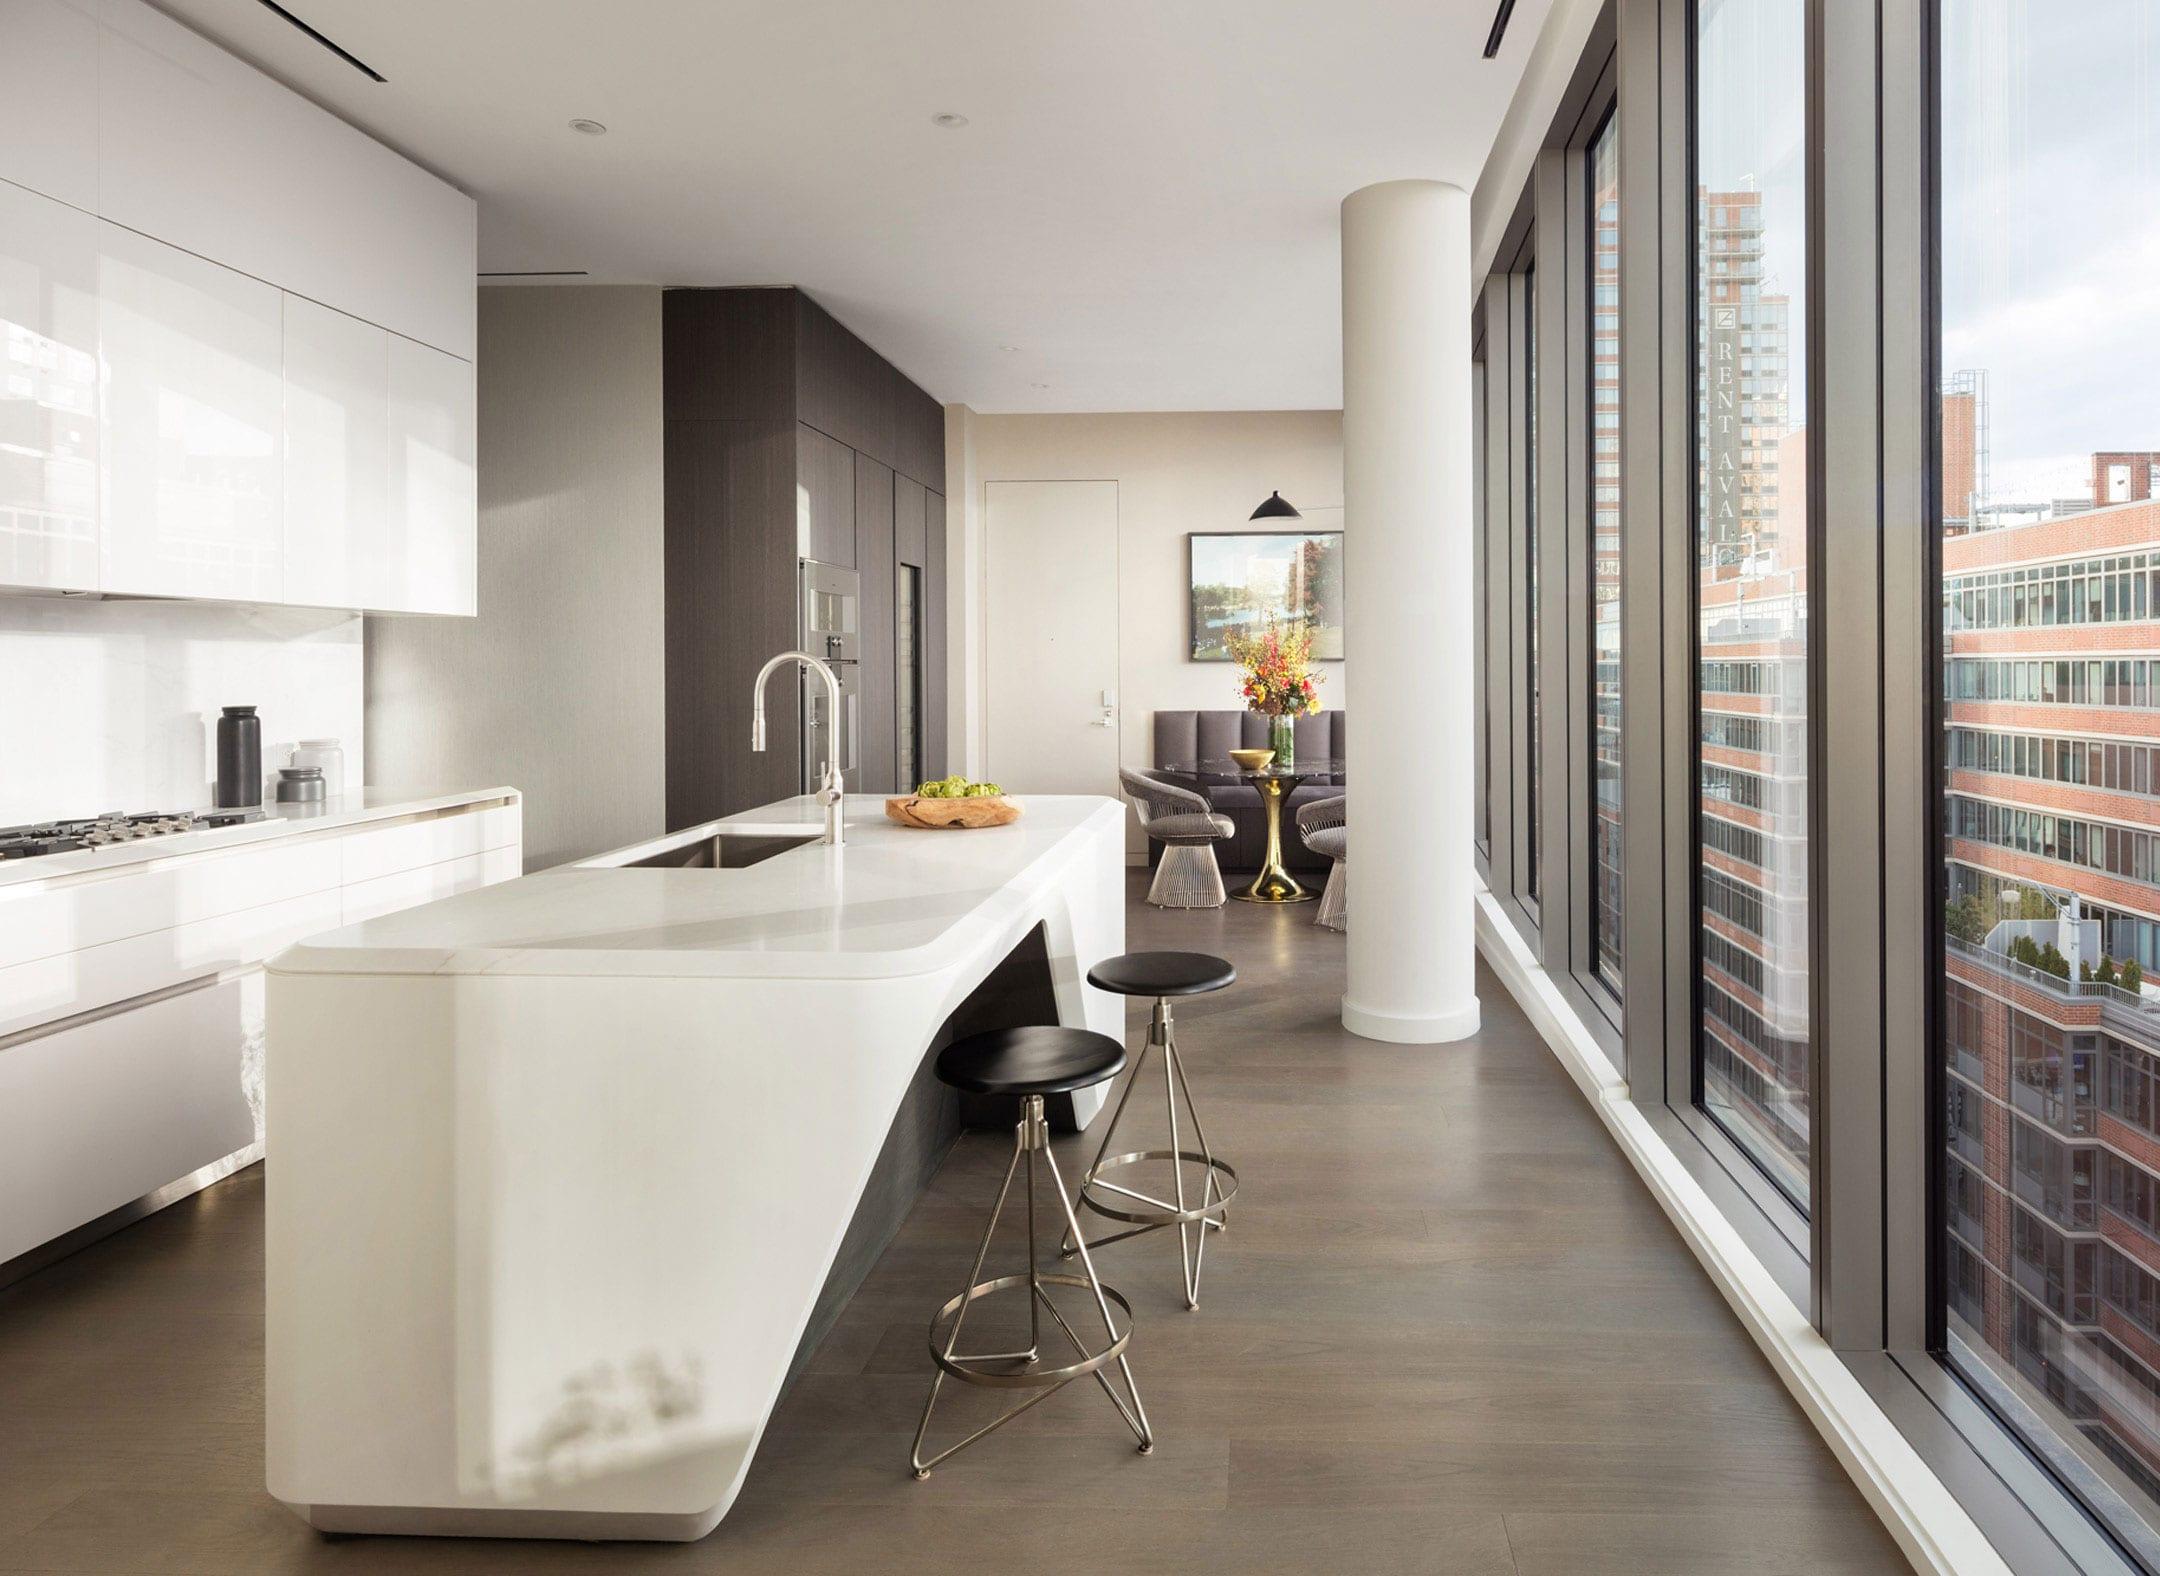 attraktive küche in weiß mit moderner corian-kochinsel und theke mit zwei rundem hockern, kleiner sitzecke mit rundem esstisch und polstersofa braun, einbauschränken in dunkelholz und panoramablick